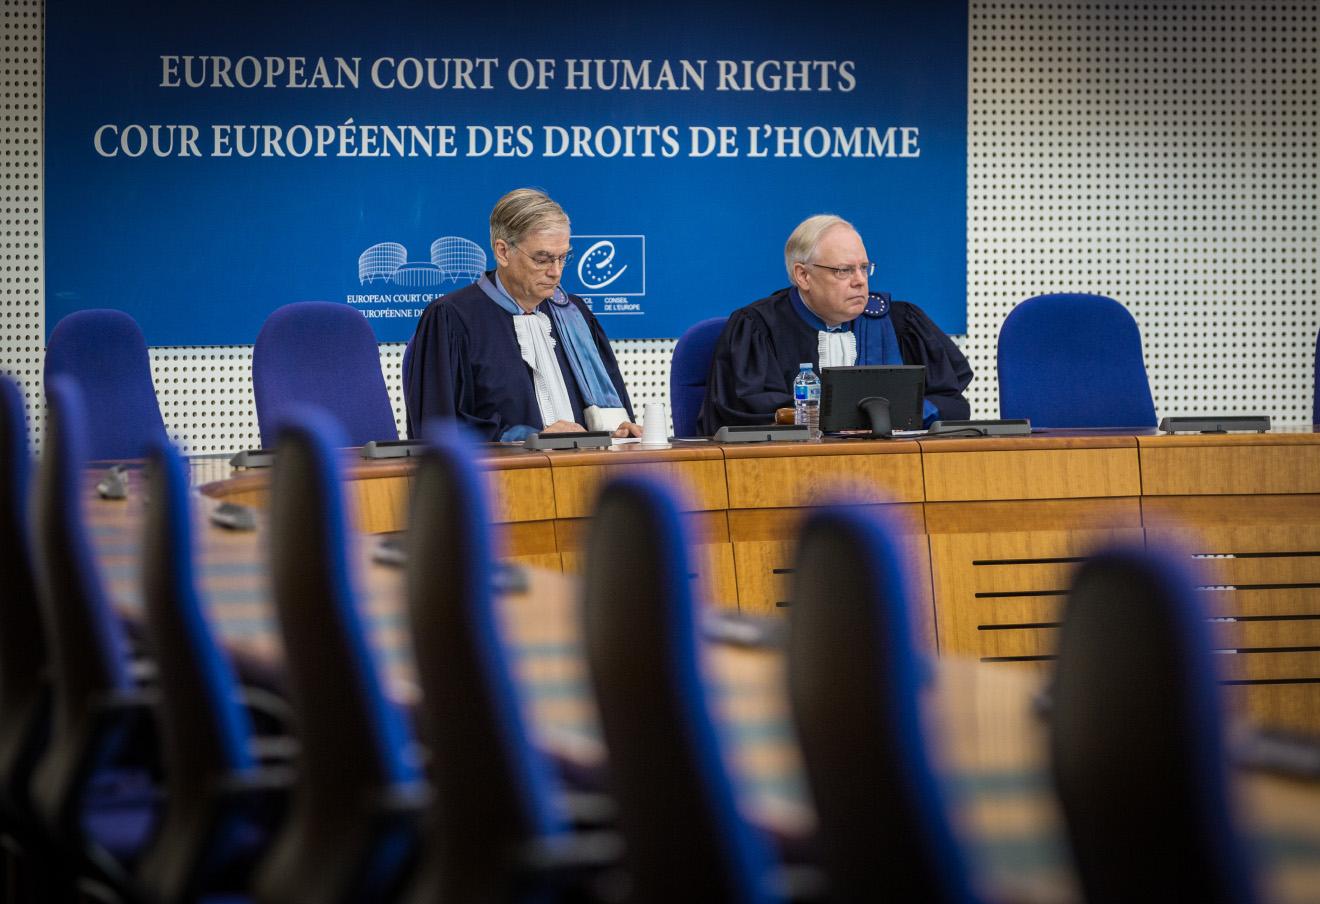 Совет Европы отклонил кандидатуры грузинских судей представленных в ЕСПЧ